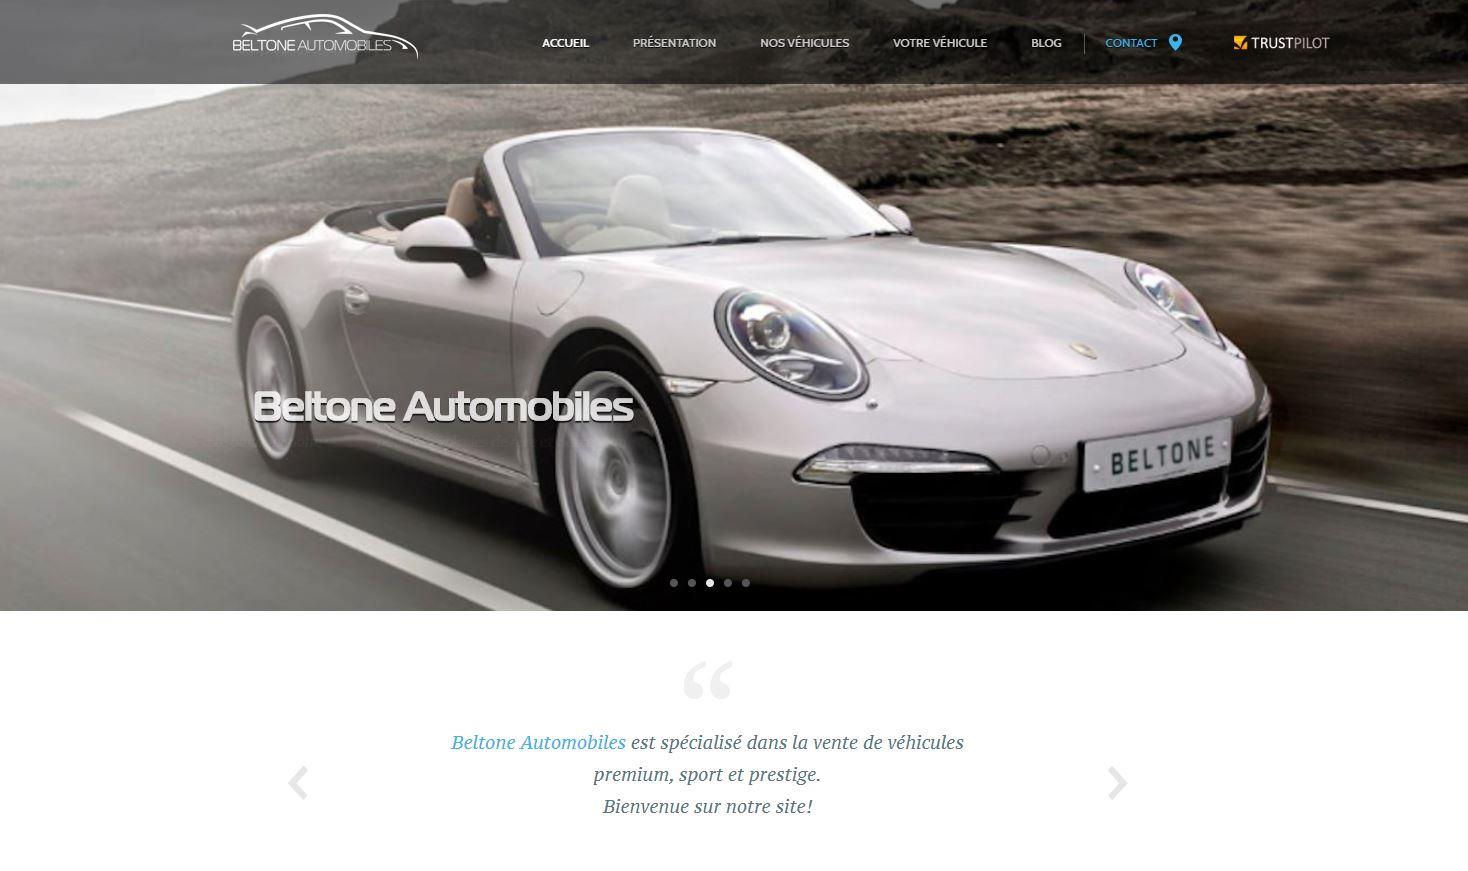 Beltone Automobiles à Lyon - Le site web